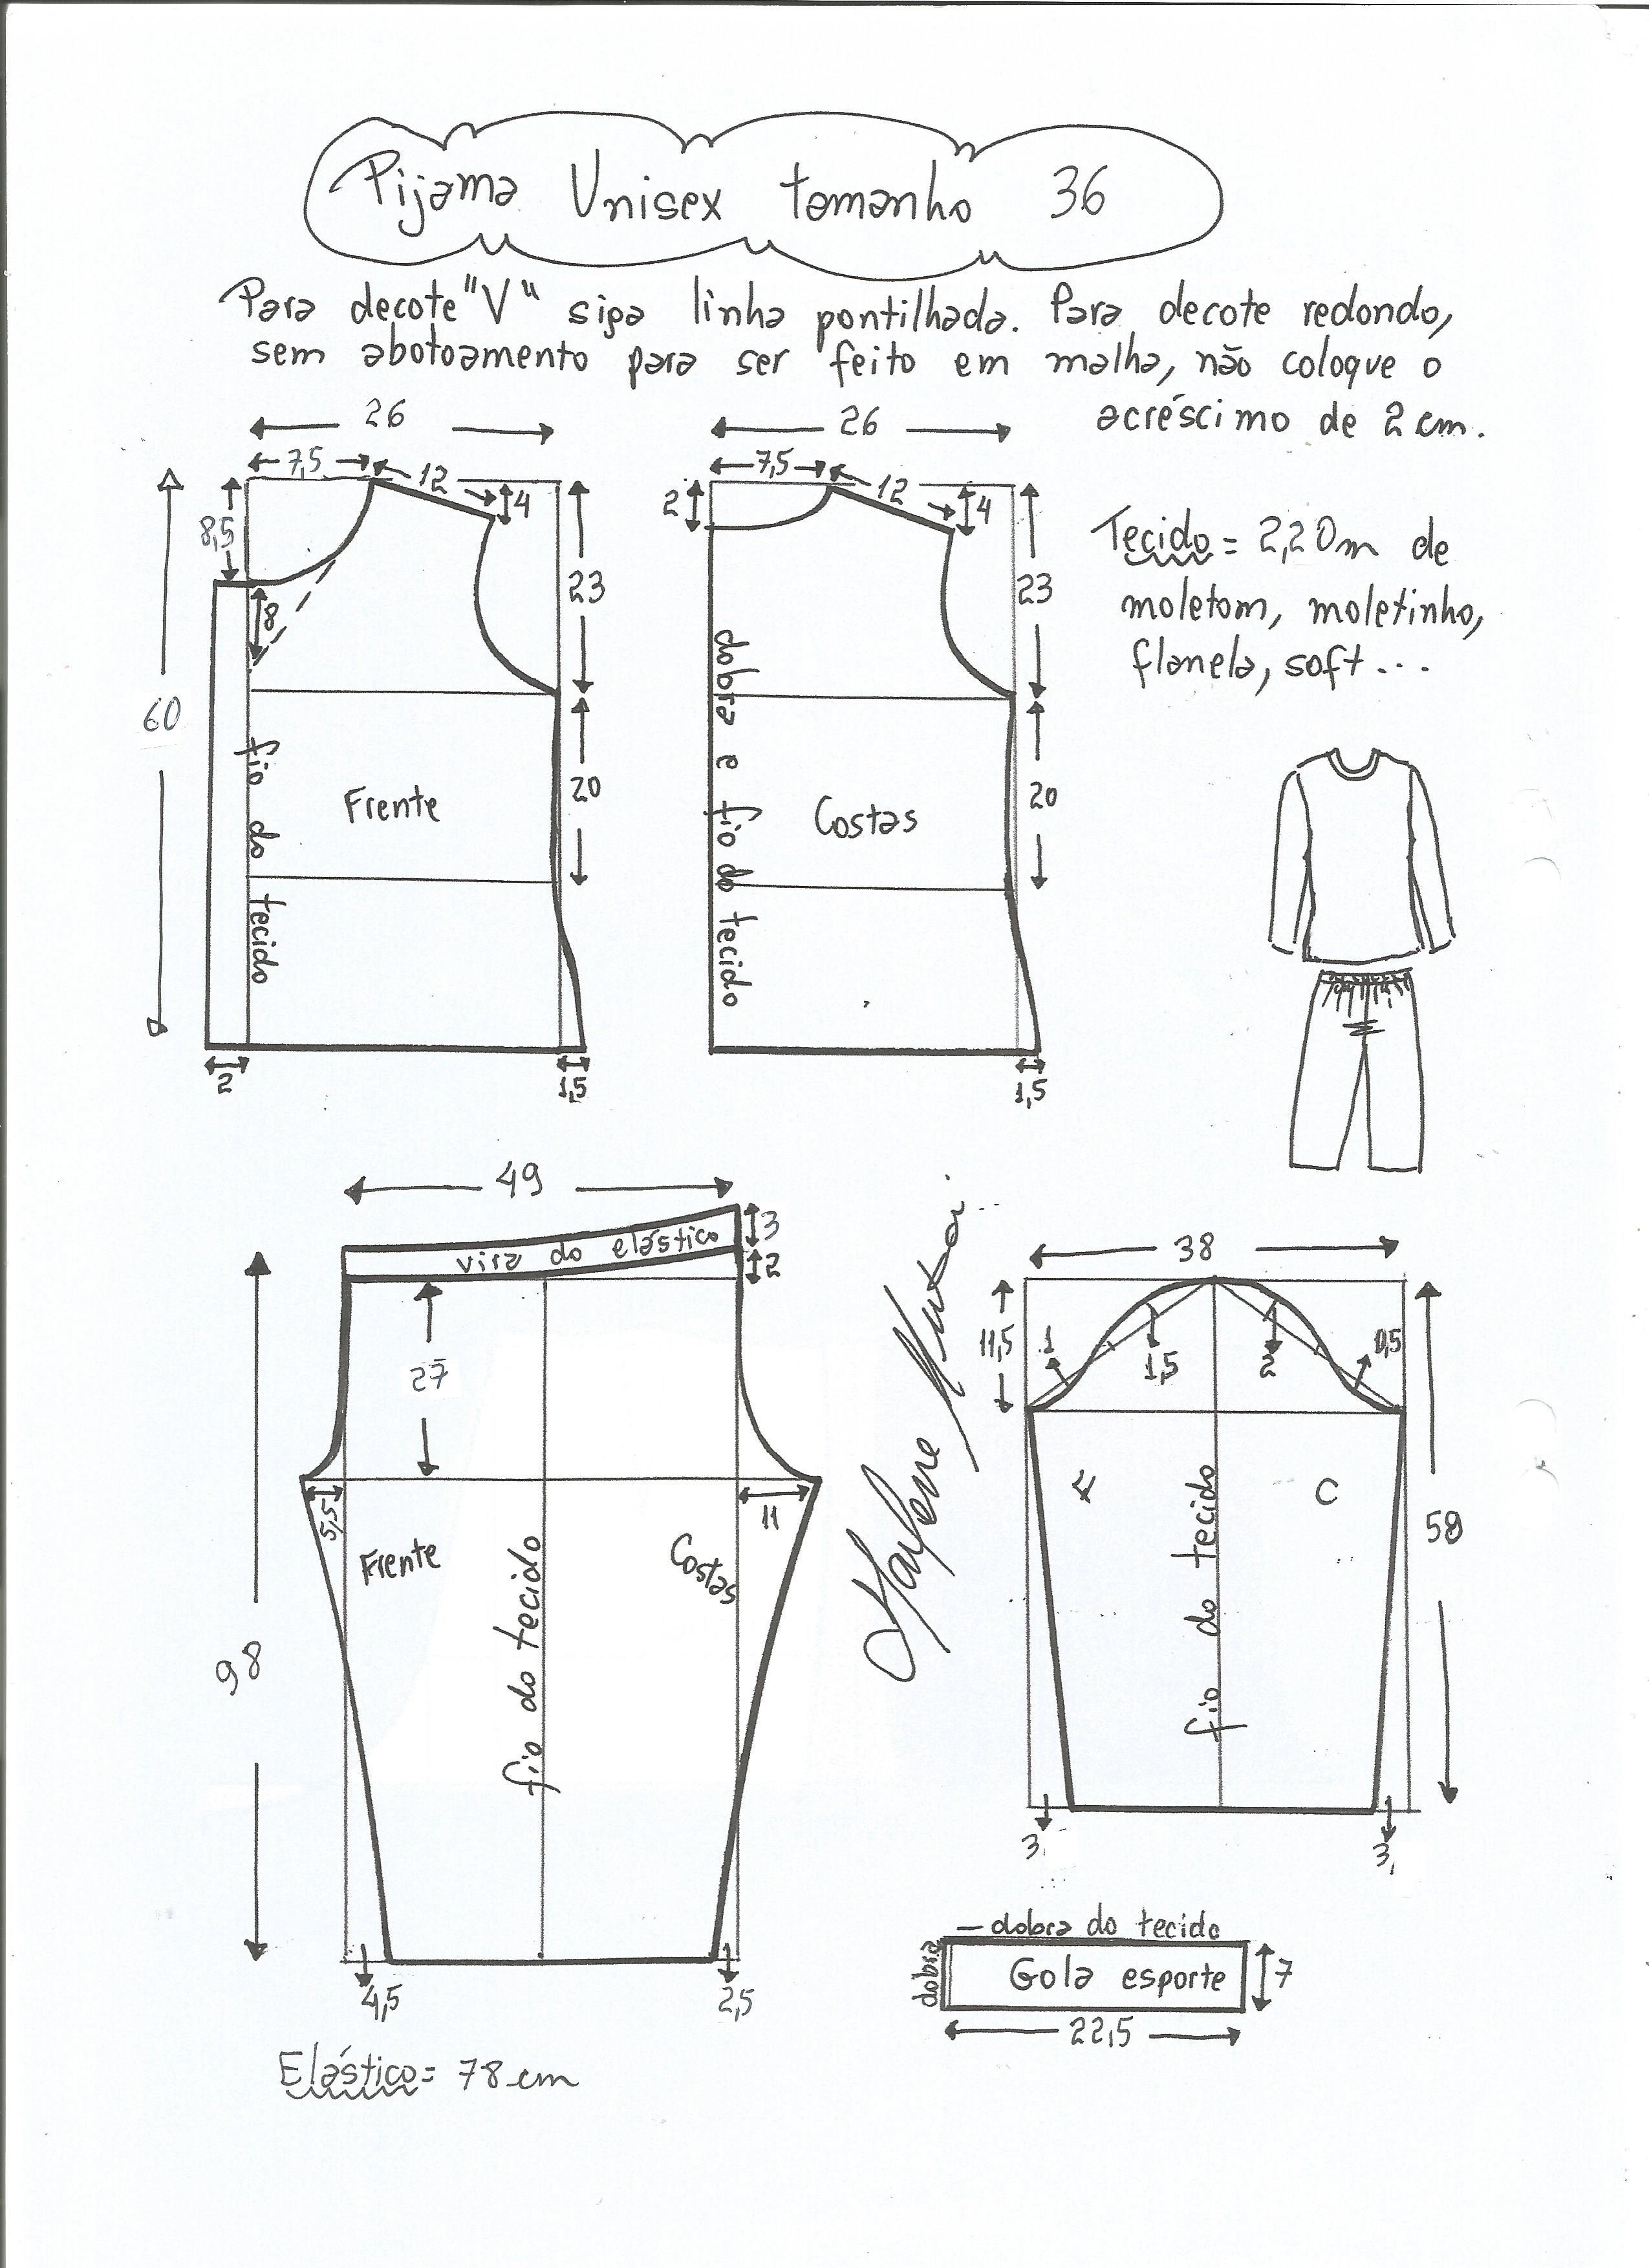 b4c534955 Esquema de modelagem de pijama unisex tamanho 36.